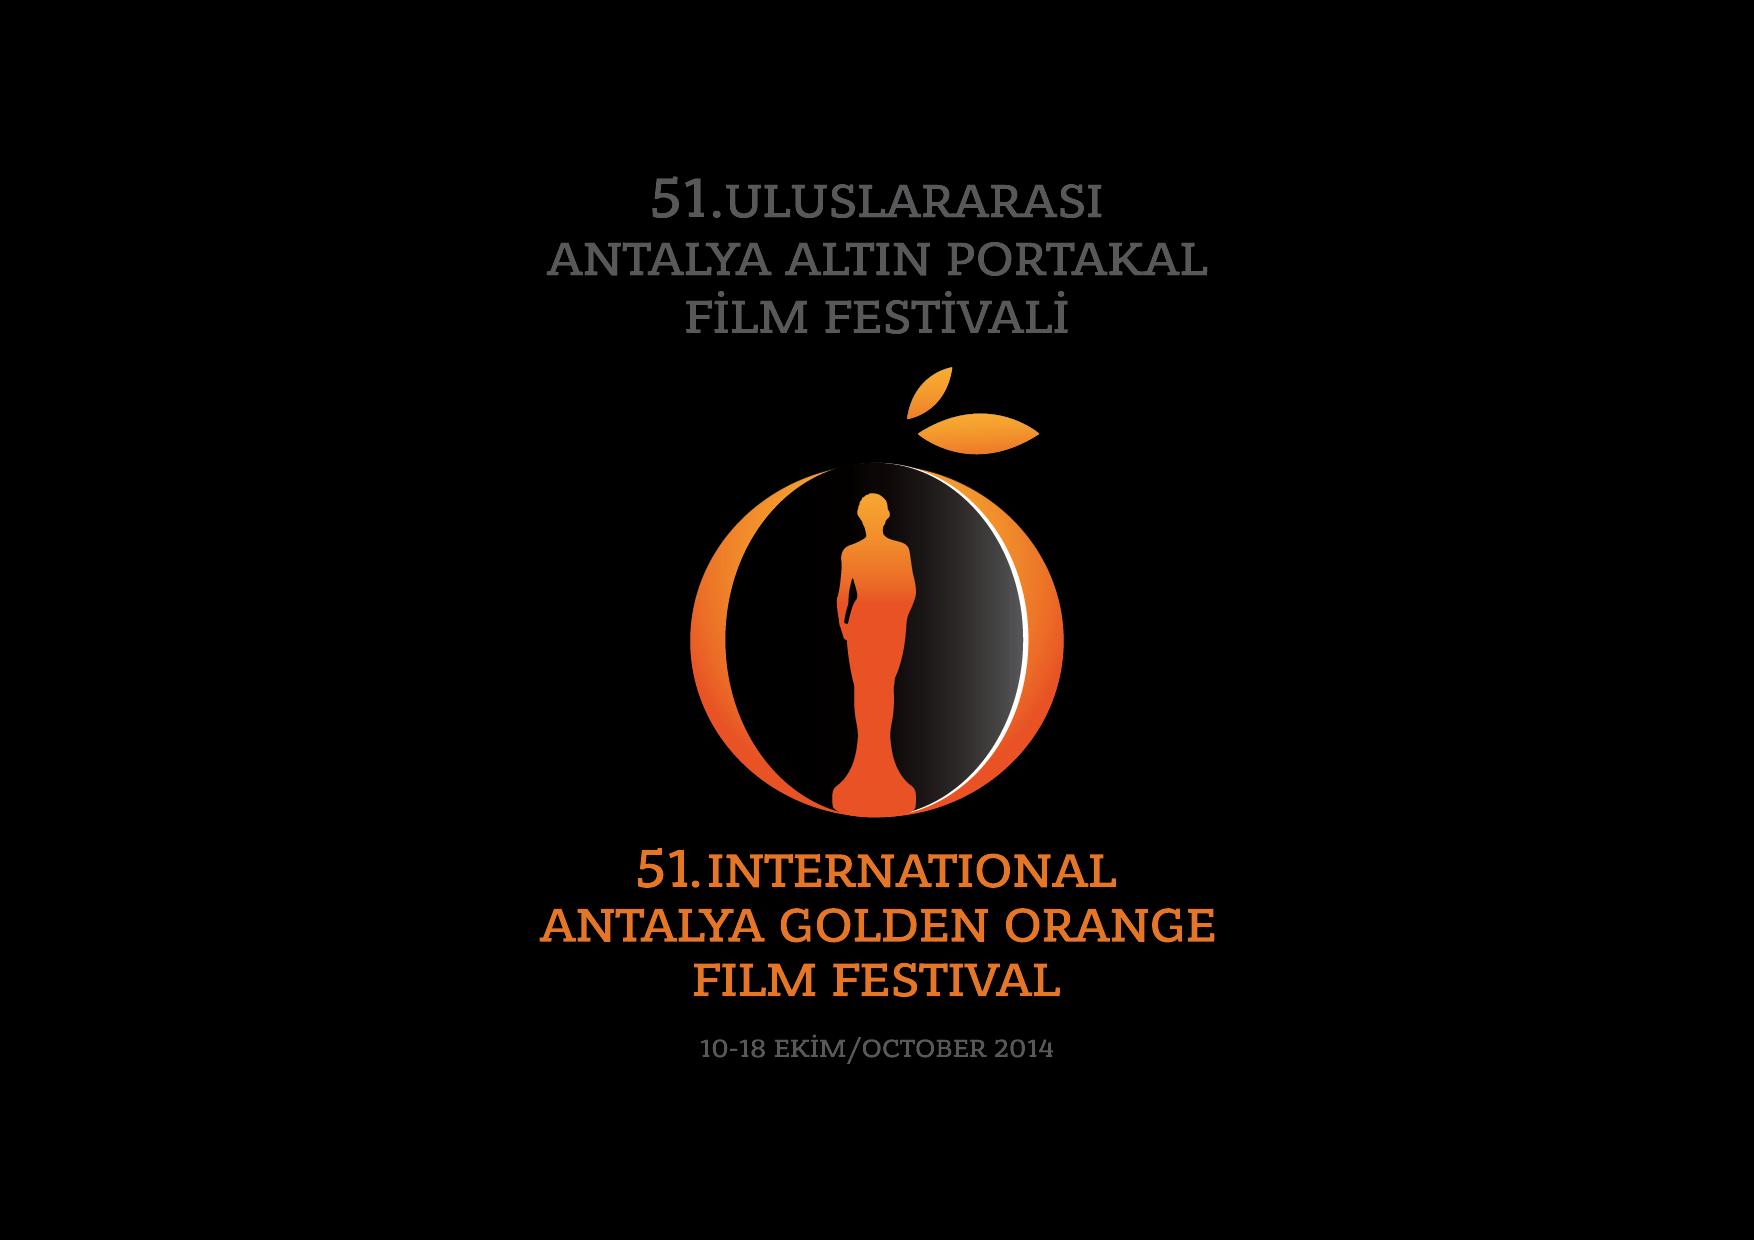 52. Altın Portakalda Ulusal Yarışma Filmleri Açıklandı 39